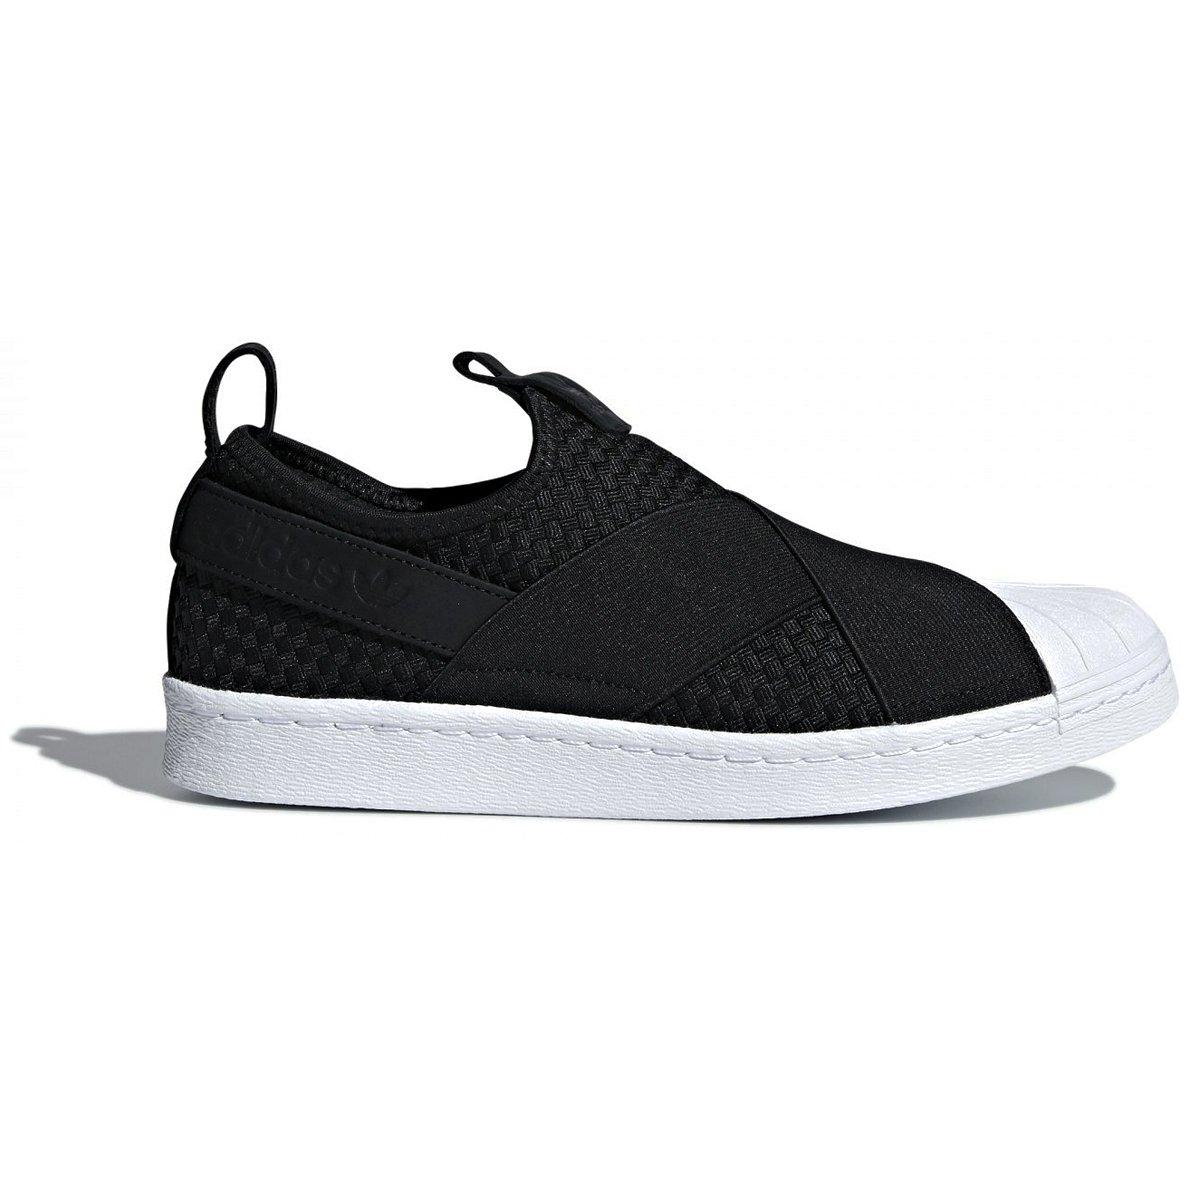 [アディダス] スーパースター スリッポン (adidas ORIGINALS SS SlipOn) コアブラック/コアブラック/ランニングホワイト CQ2487 日本国内正規品 B07CWNZPG4 22.0cm